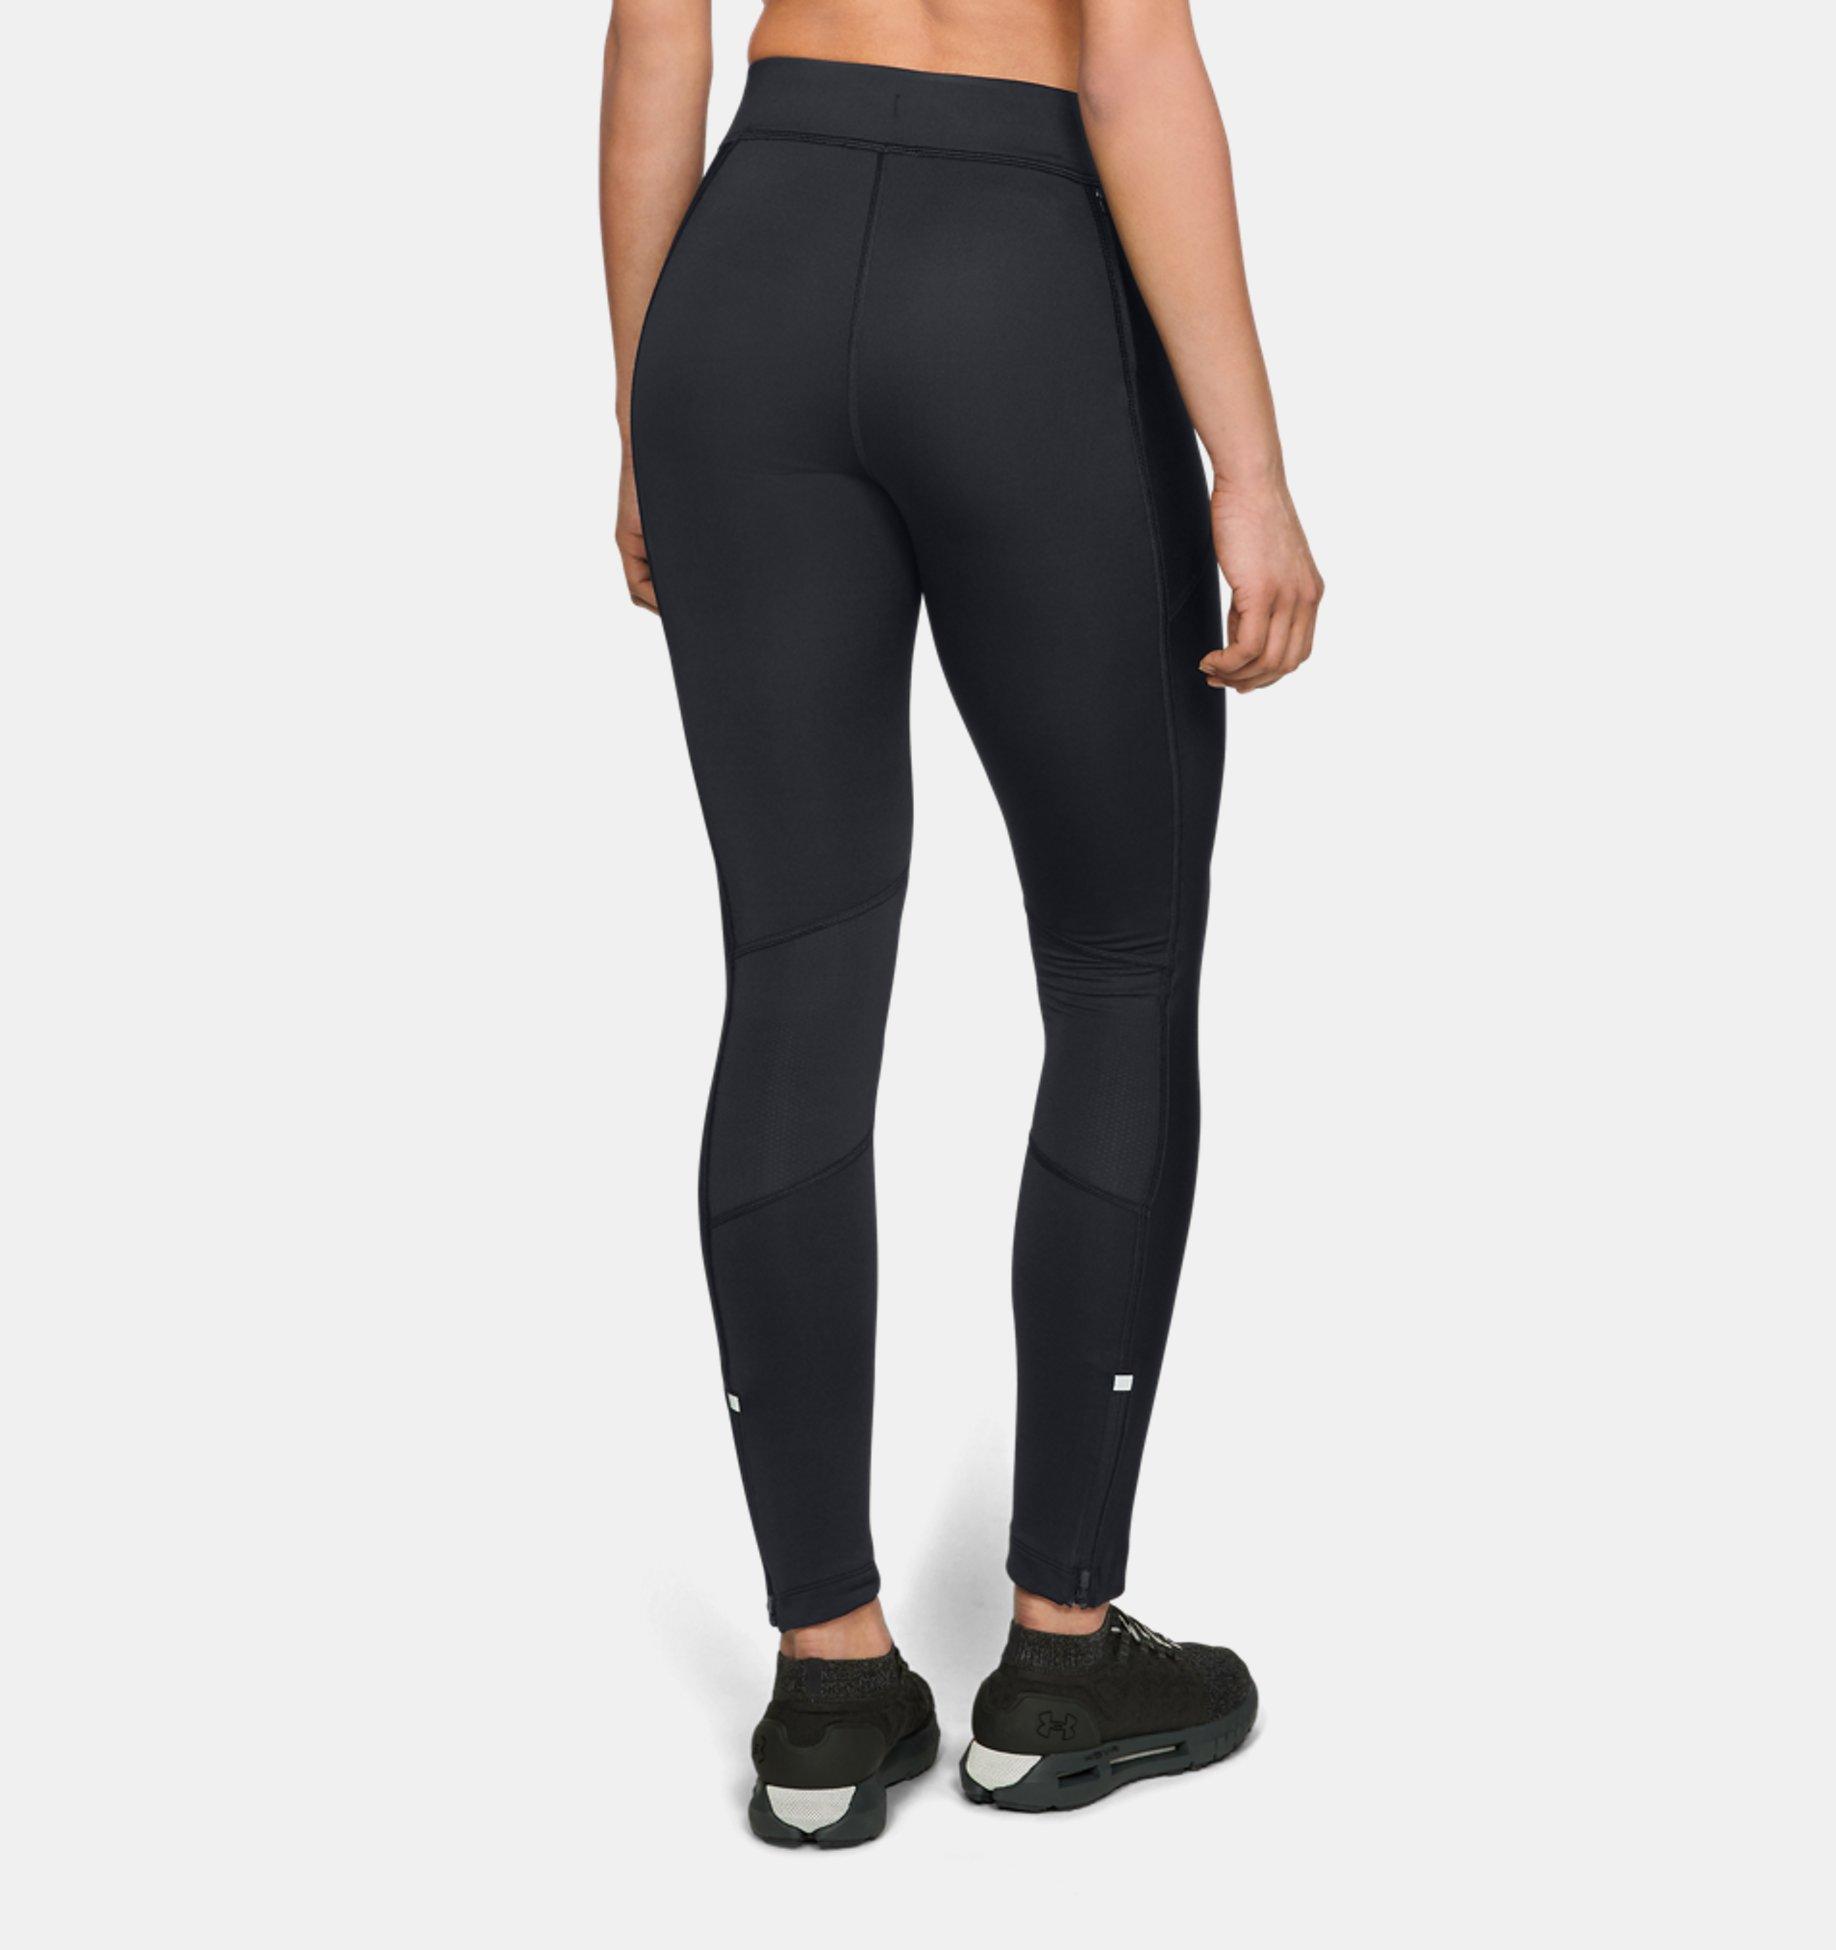 Legging ColdGear® Run Storm pour femme | Under Armour FR